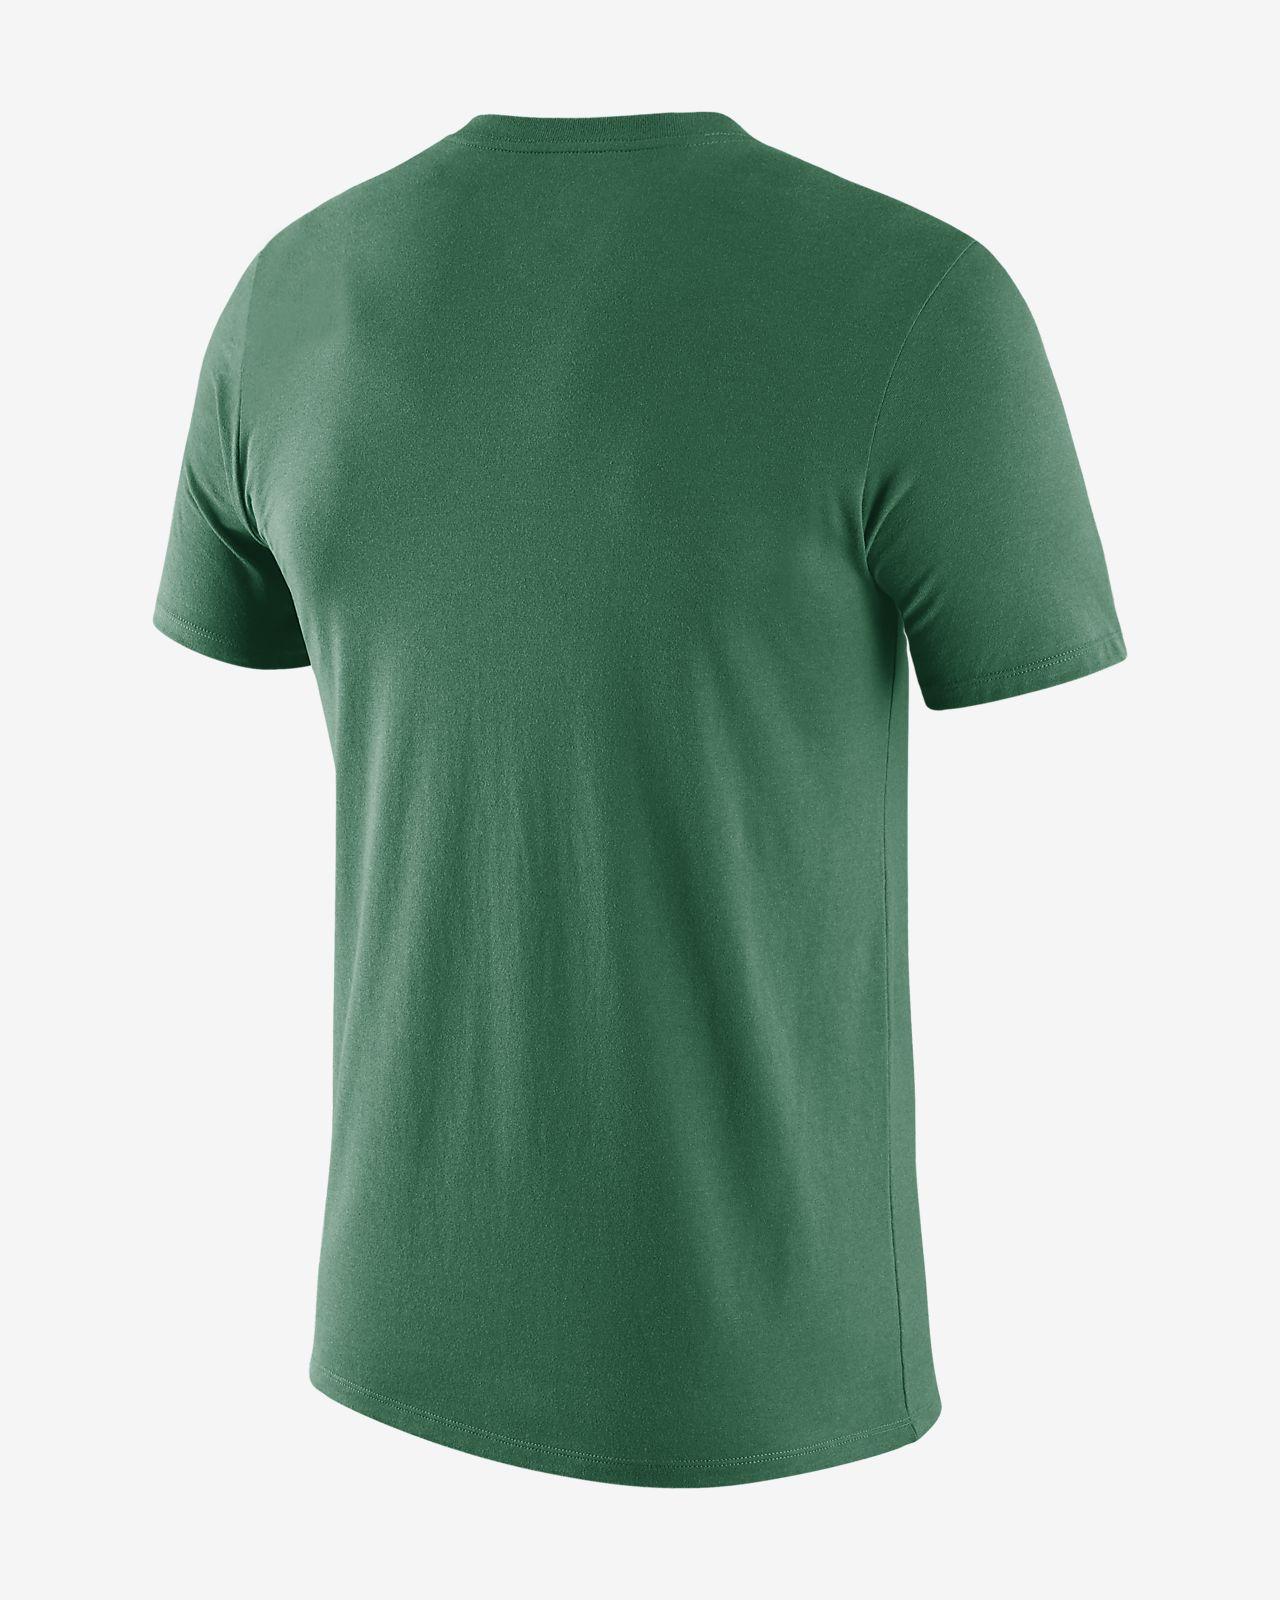 watch e589e 9f361 Boston Celtics Nike Dri-FIT Men's NBA T-Shirt